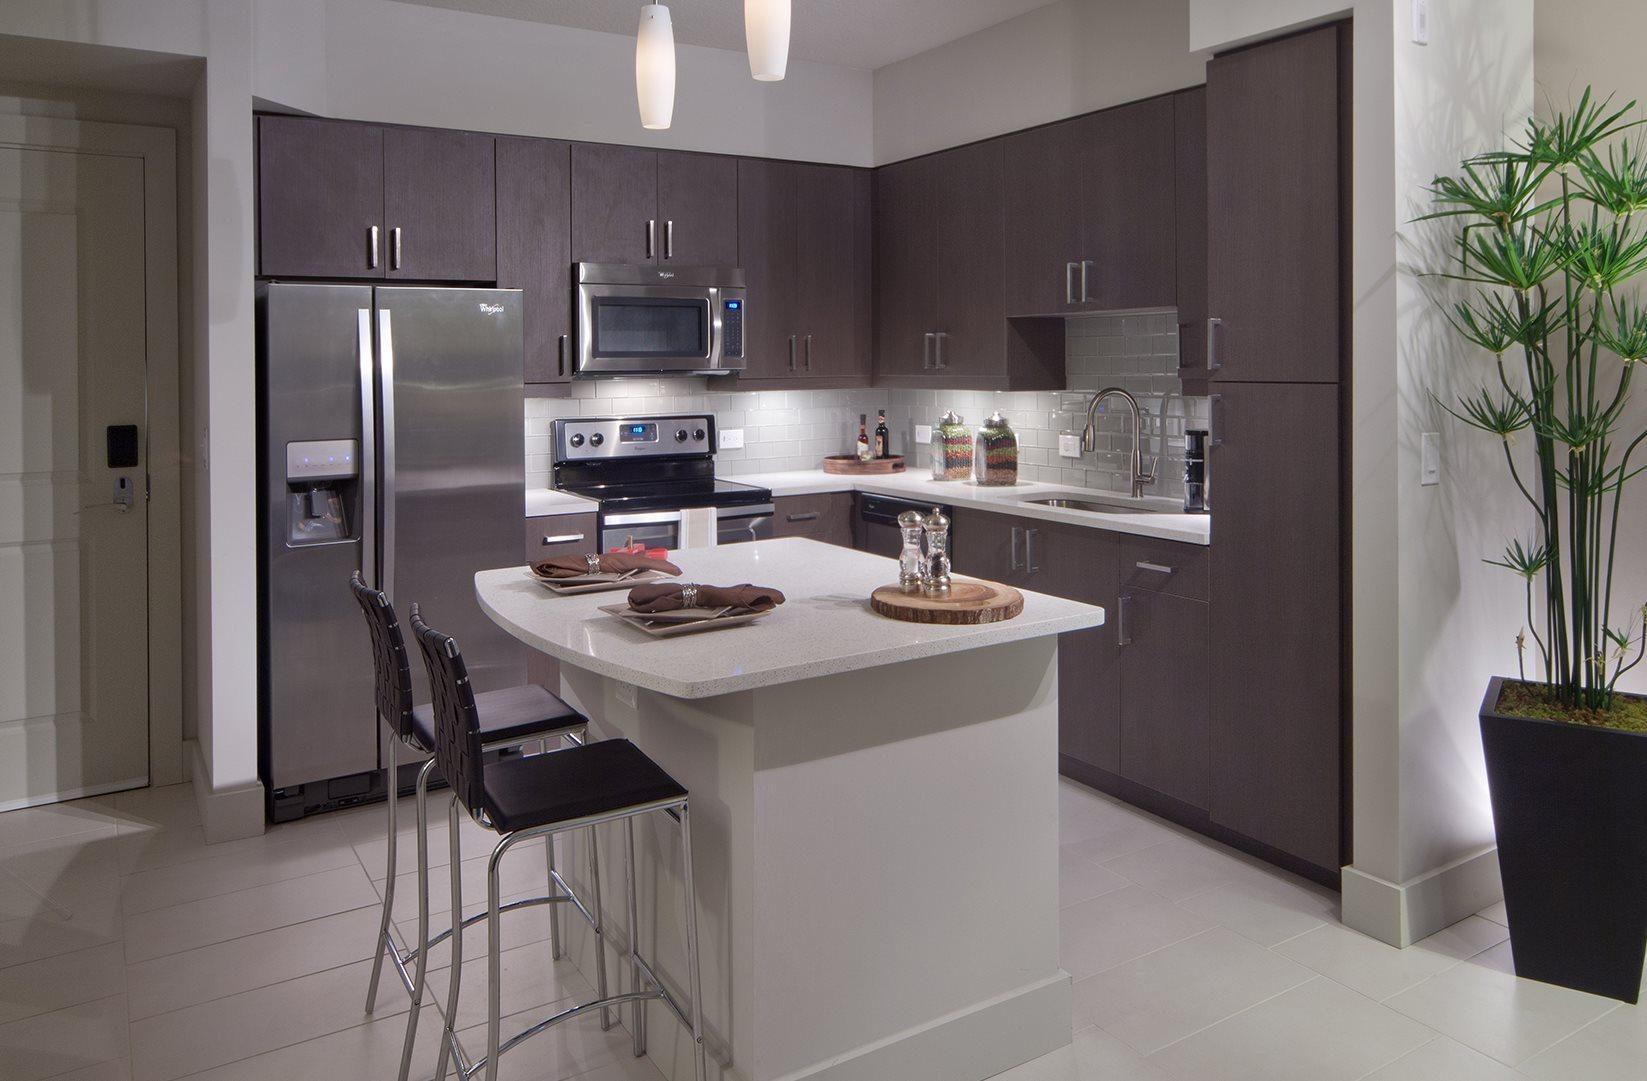 Windsor at Doral   Doral Apartments for Rent   Home